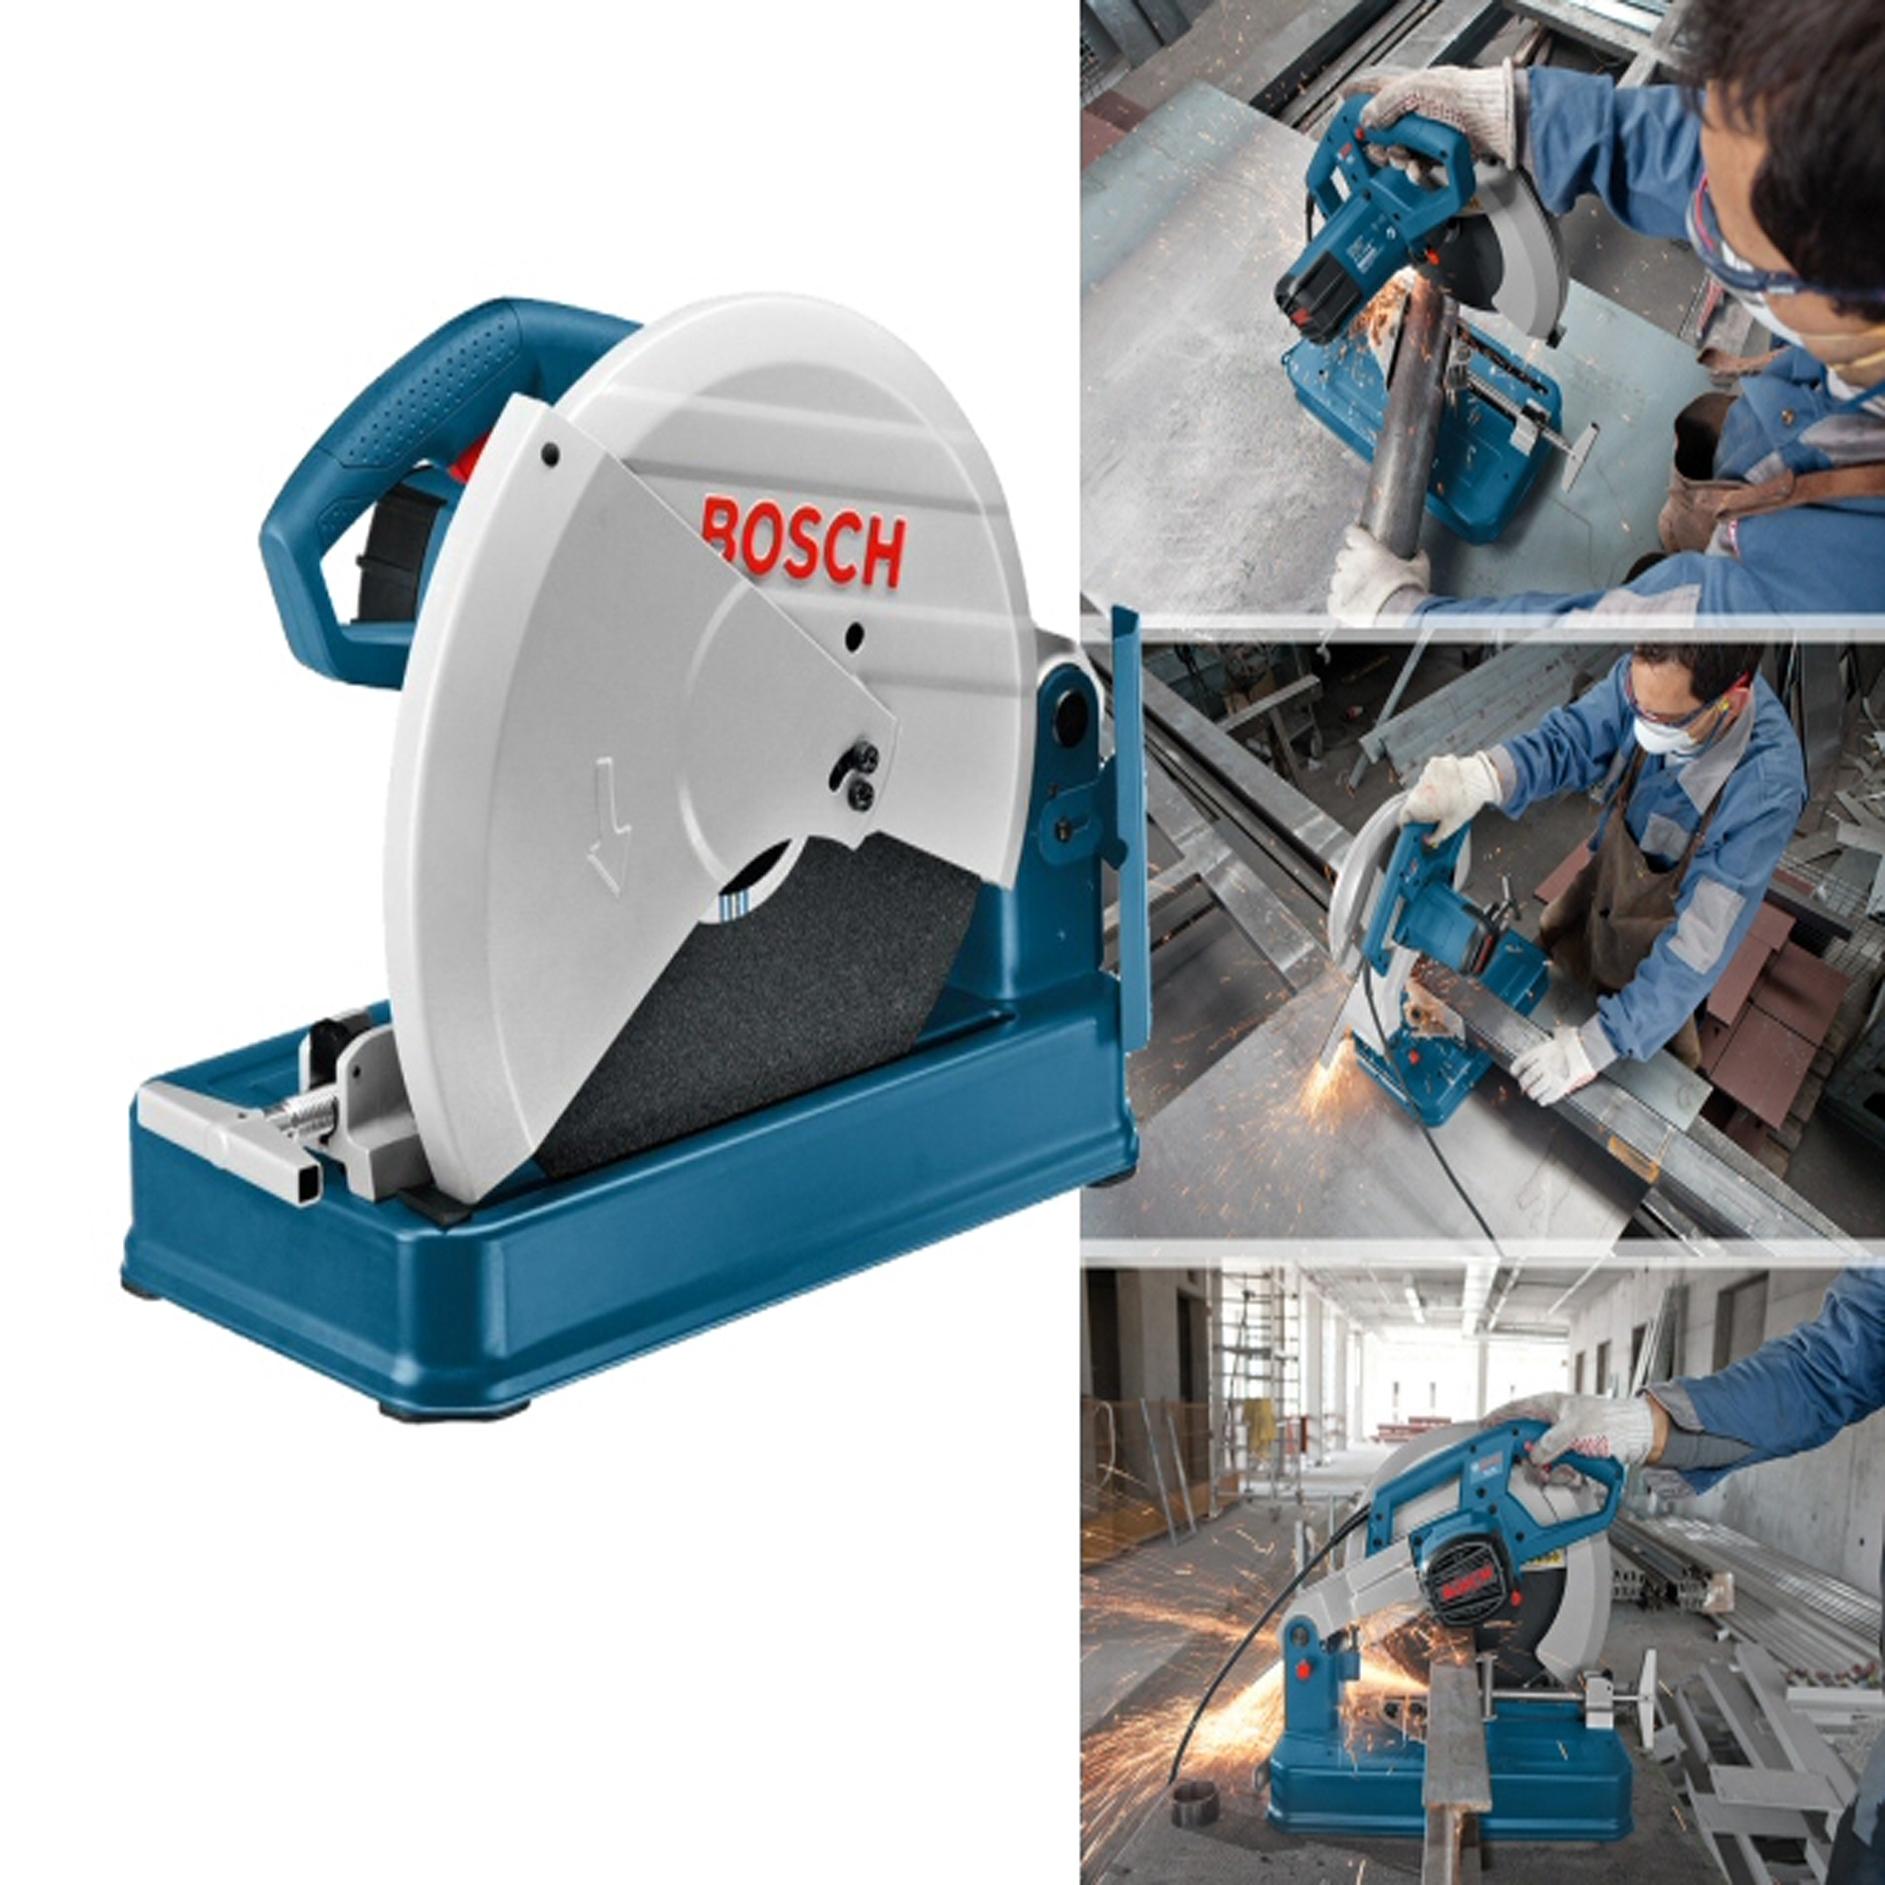 Harga Jual Bosch Gco 2000 Mesin Gerinda Potong Logam Professional Hand Pipe Bender Krisbow 3 8 7 8in Kw1500520 Gallery Image Produk